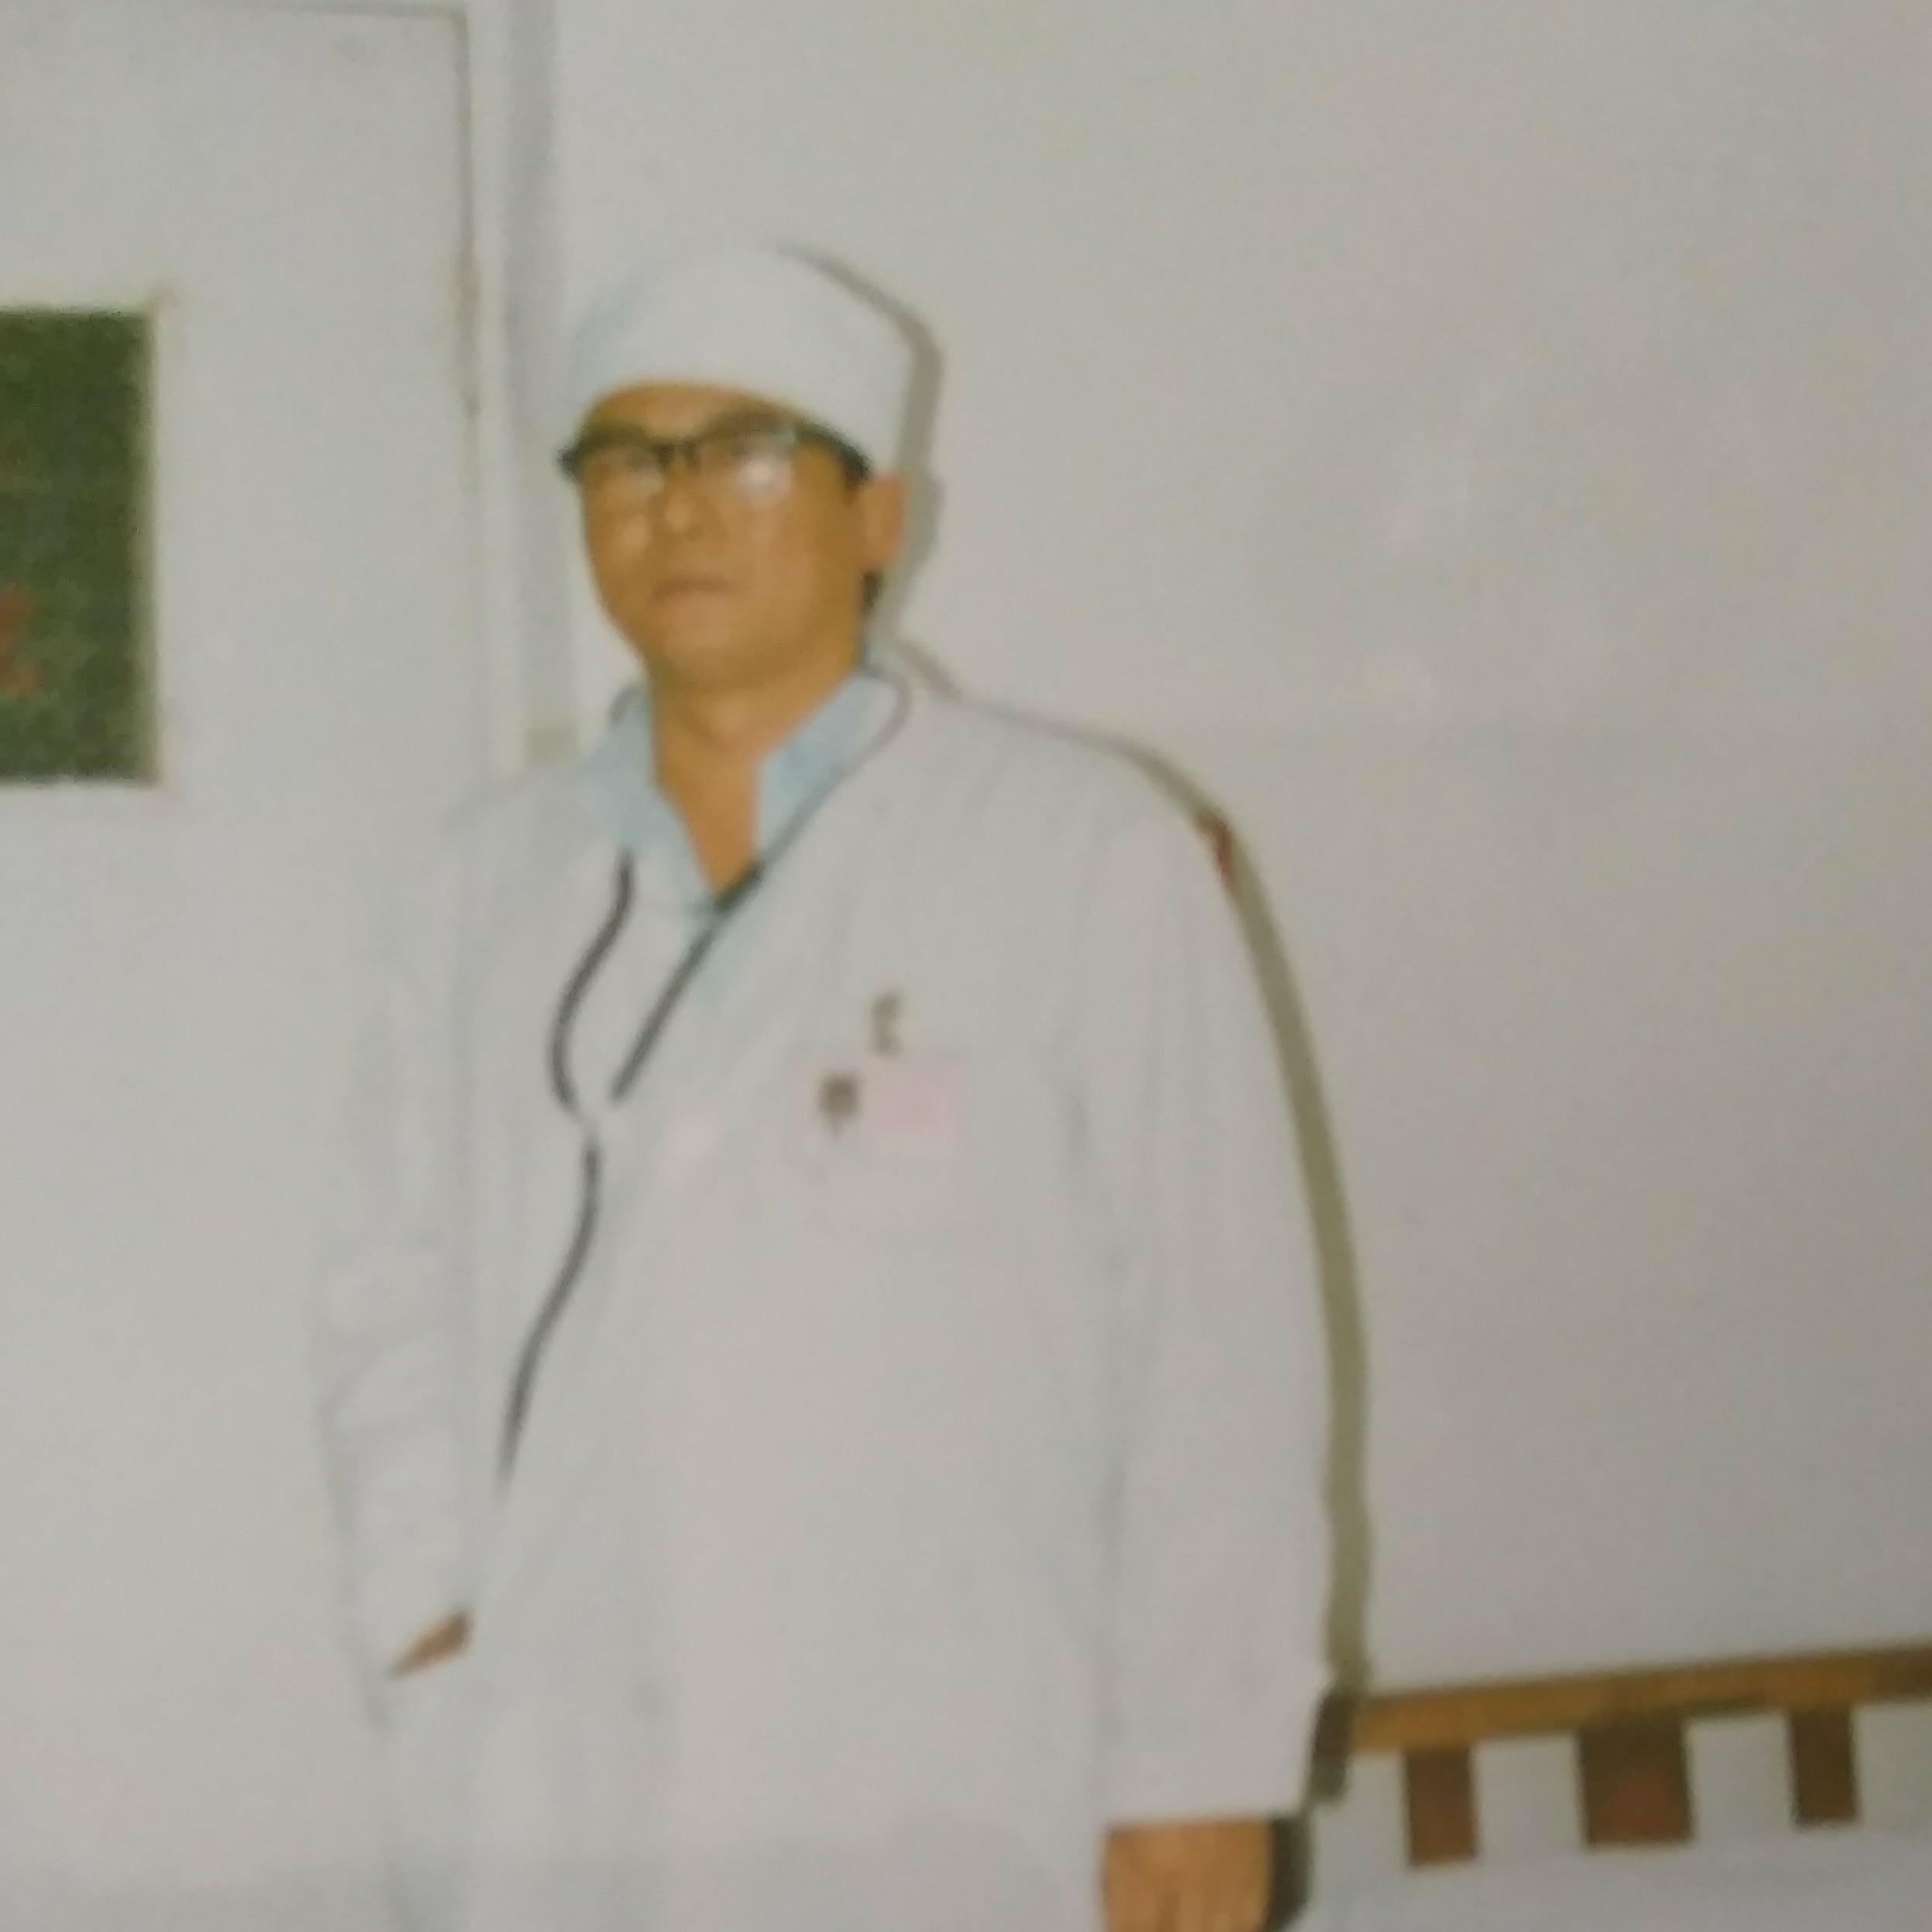 公立医院,内科主任等\n(民营医院兼业务院长)内科主任西诺其照片